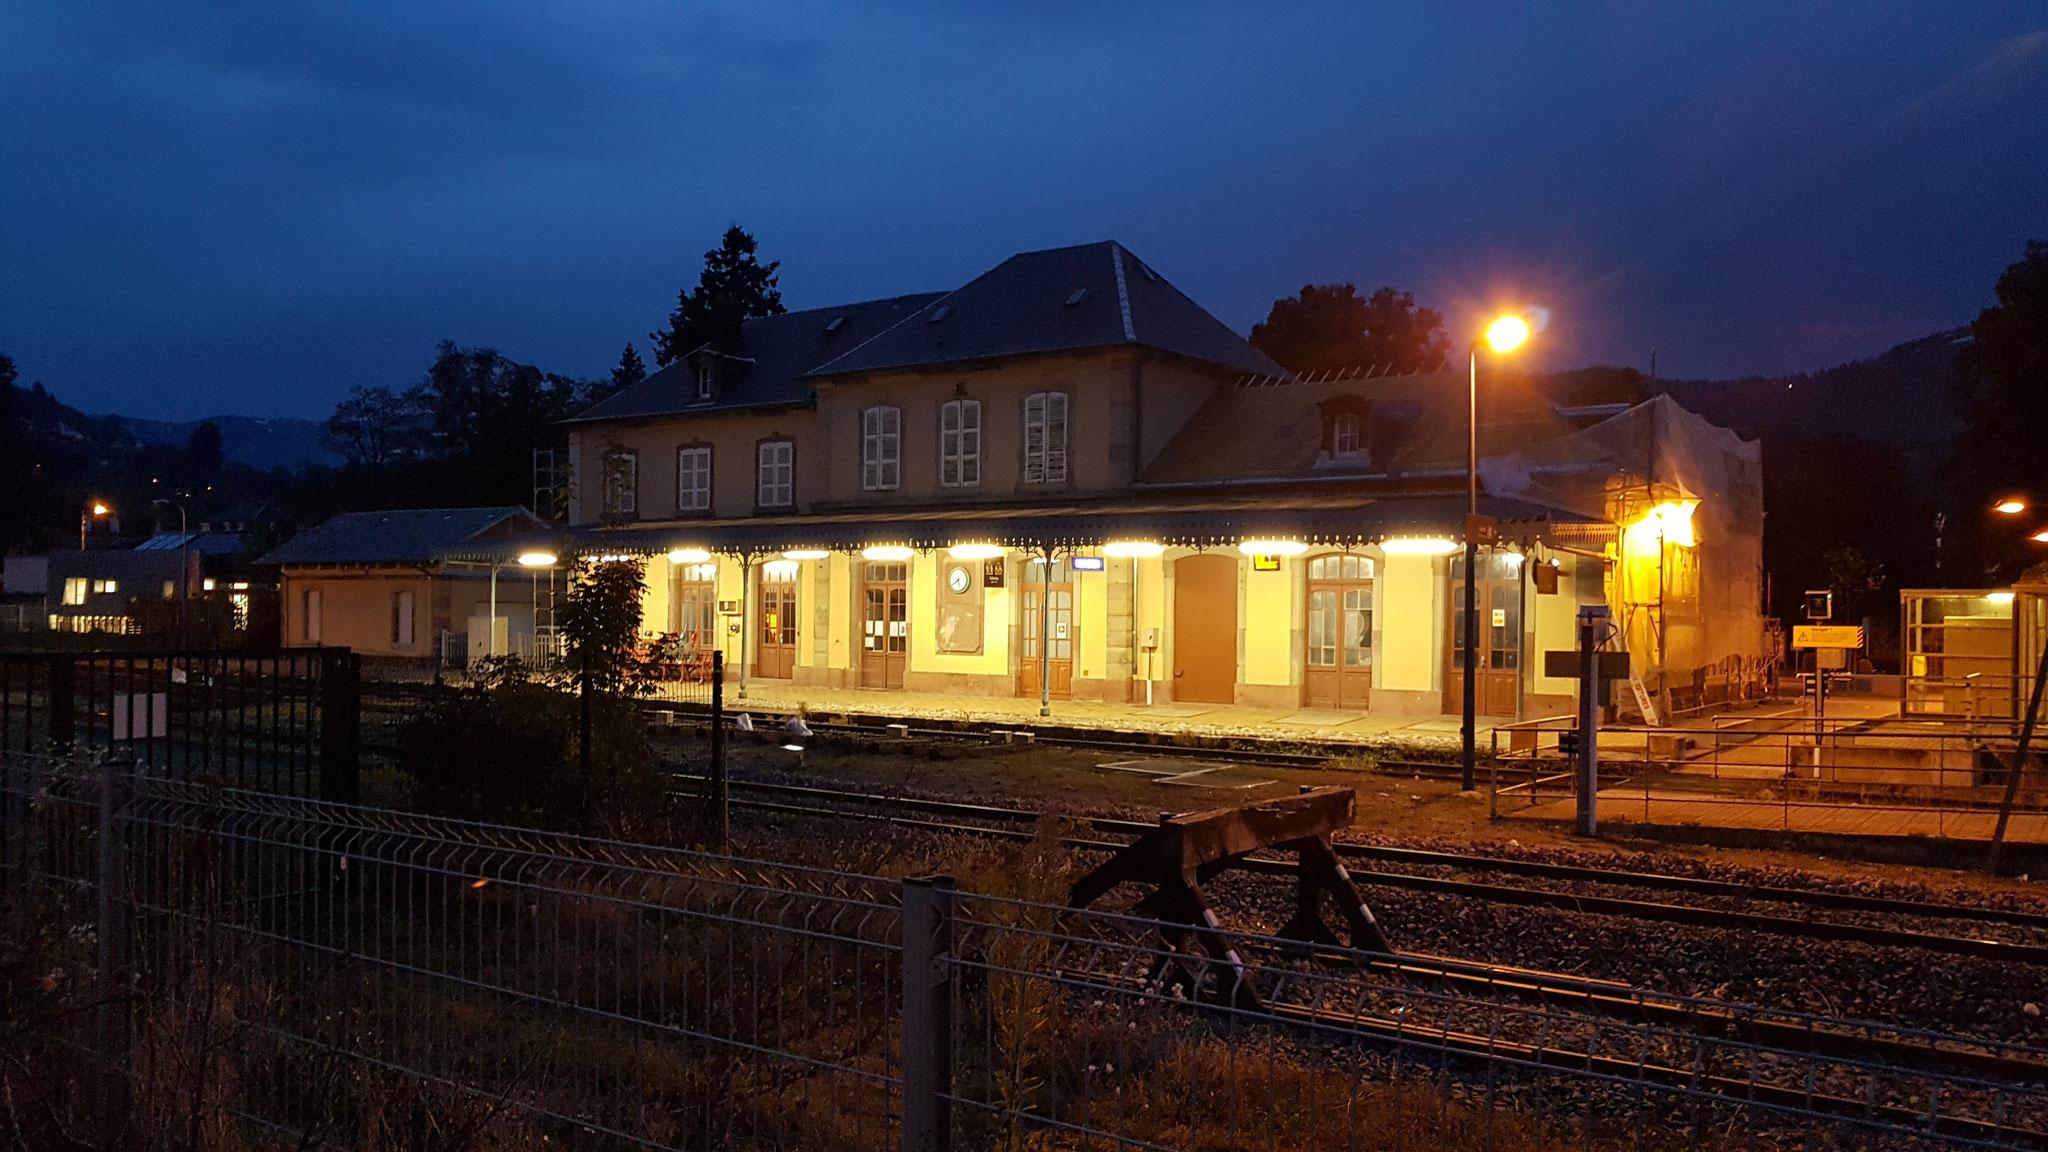 Bahnhof Munster